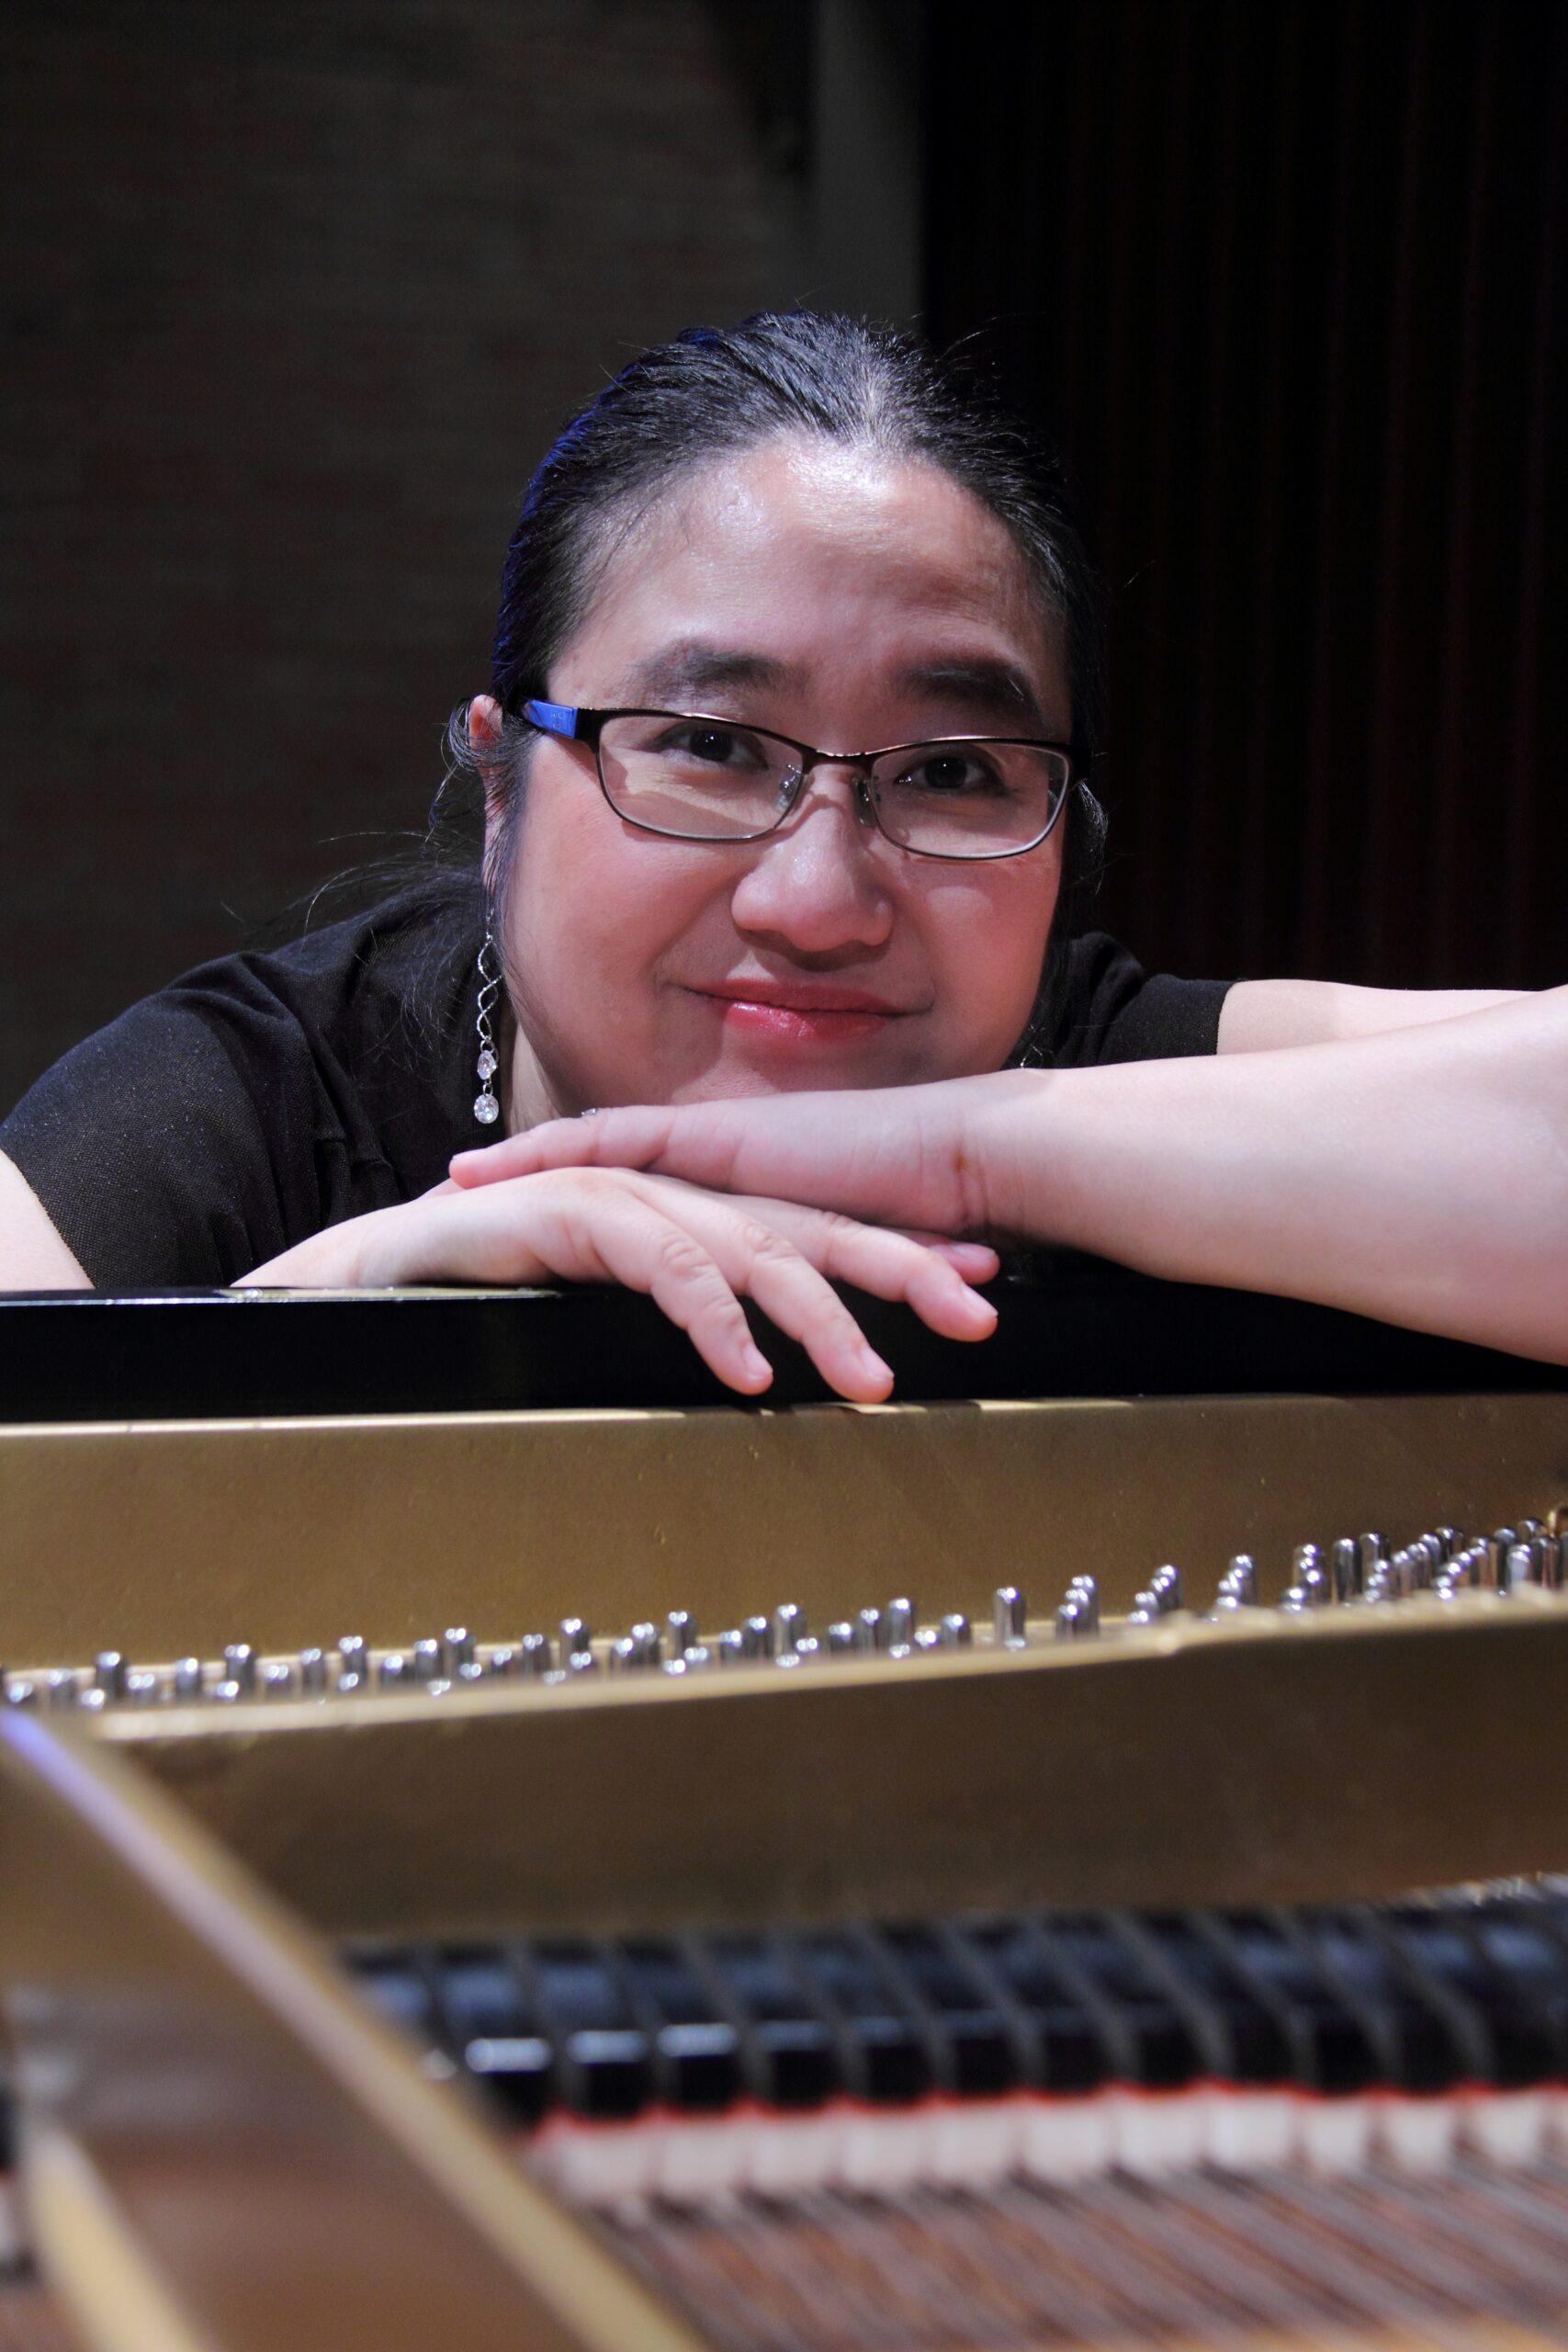 Jennifer Tung leaning on a piano